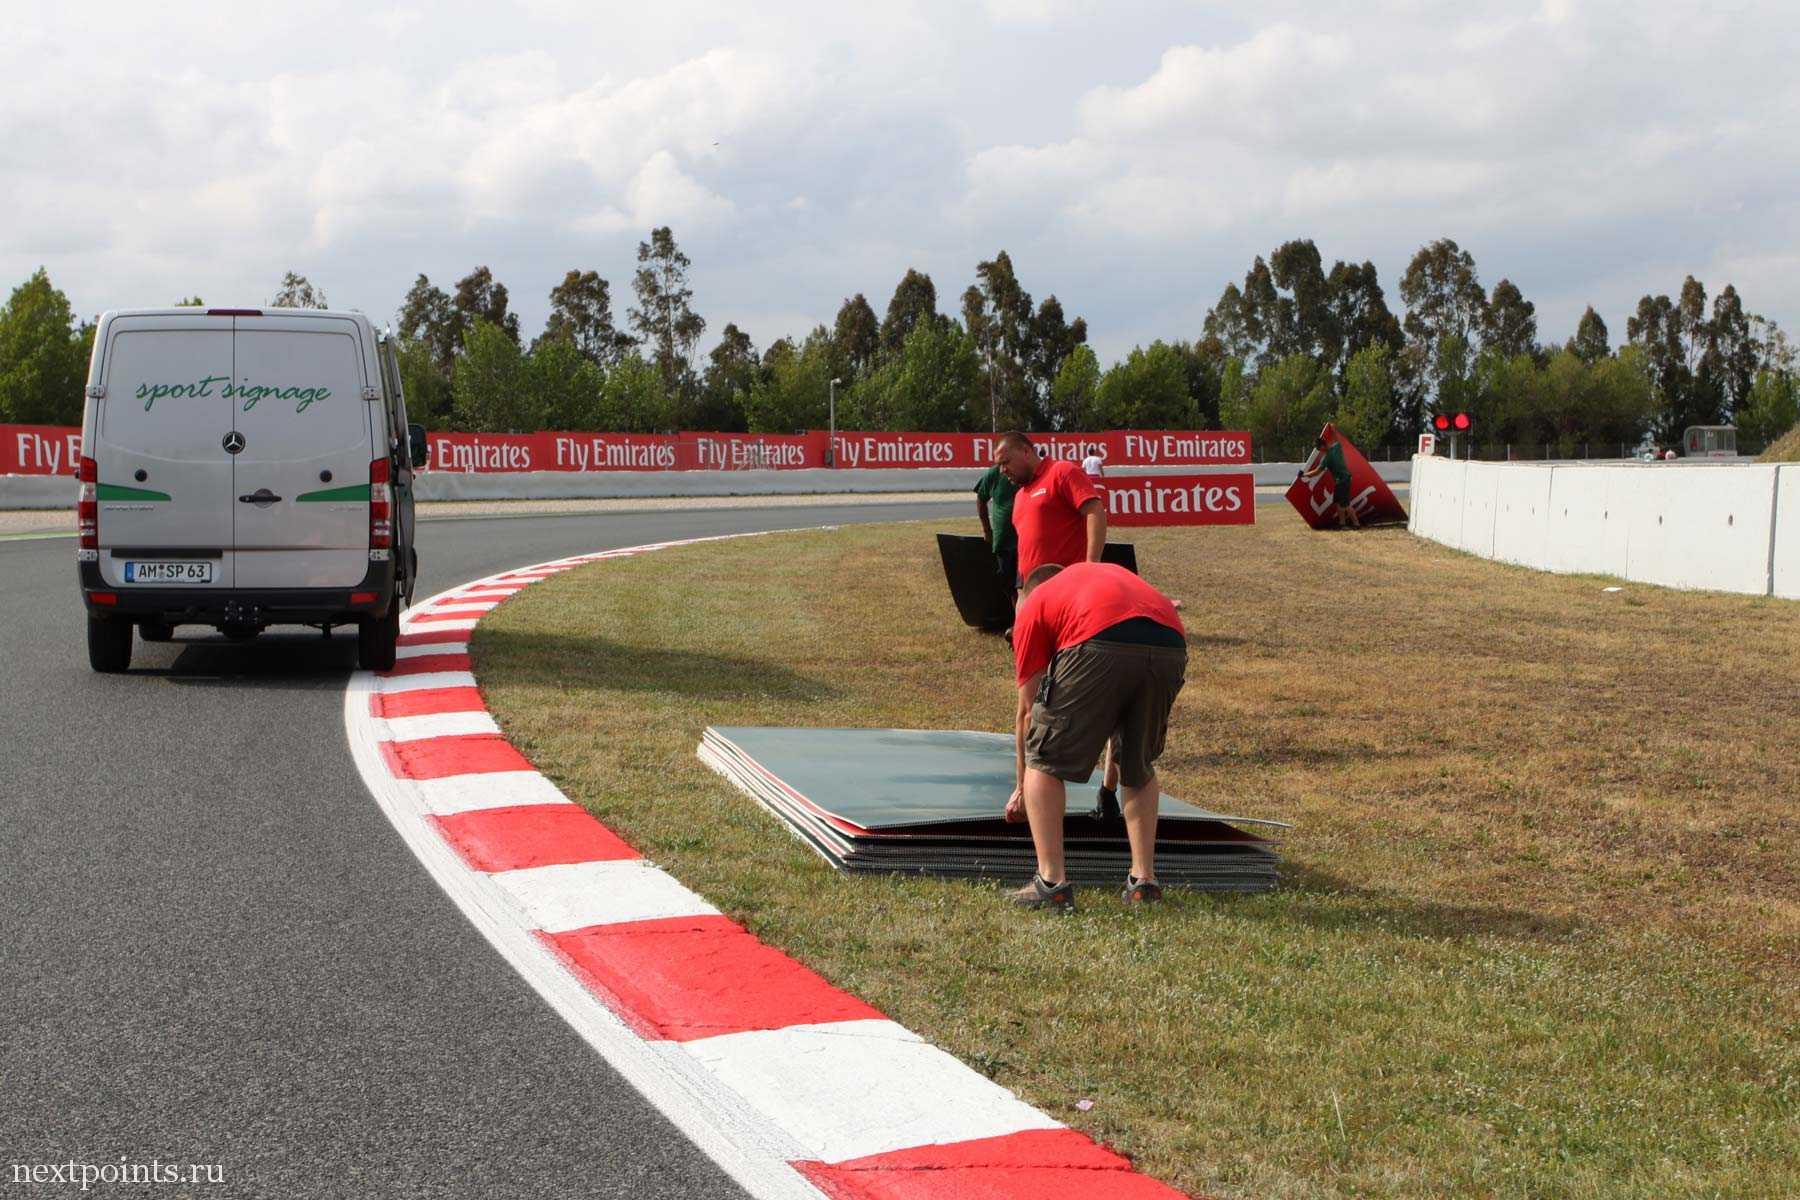 Персонал готовится к новой гонке с новыми спонсорами. Может, это Moto GP?